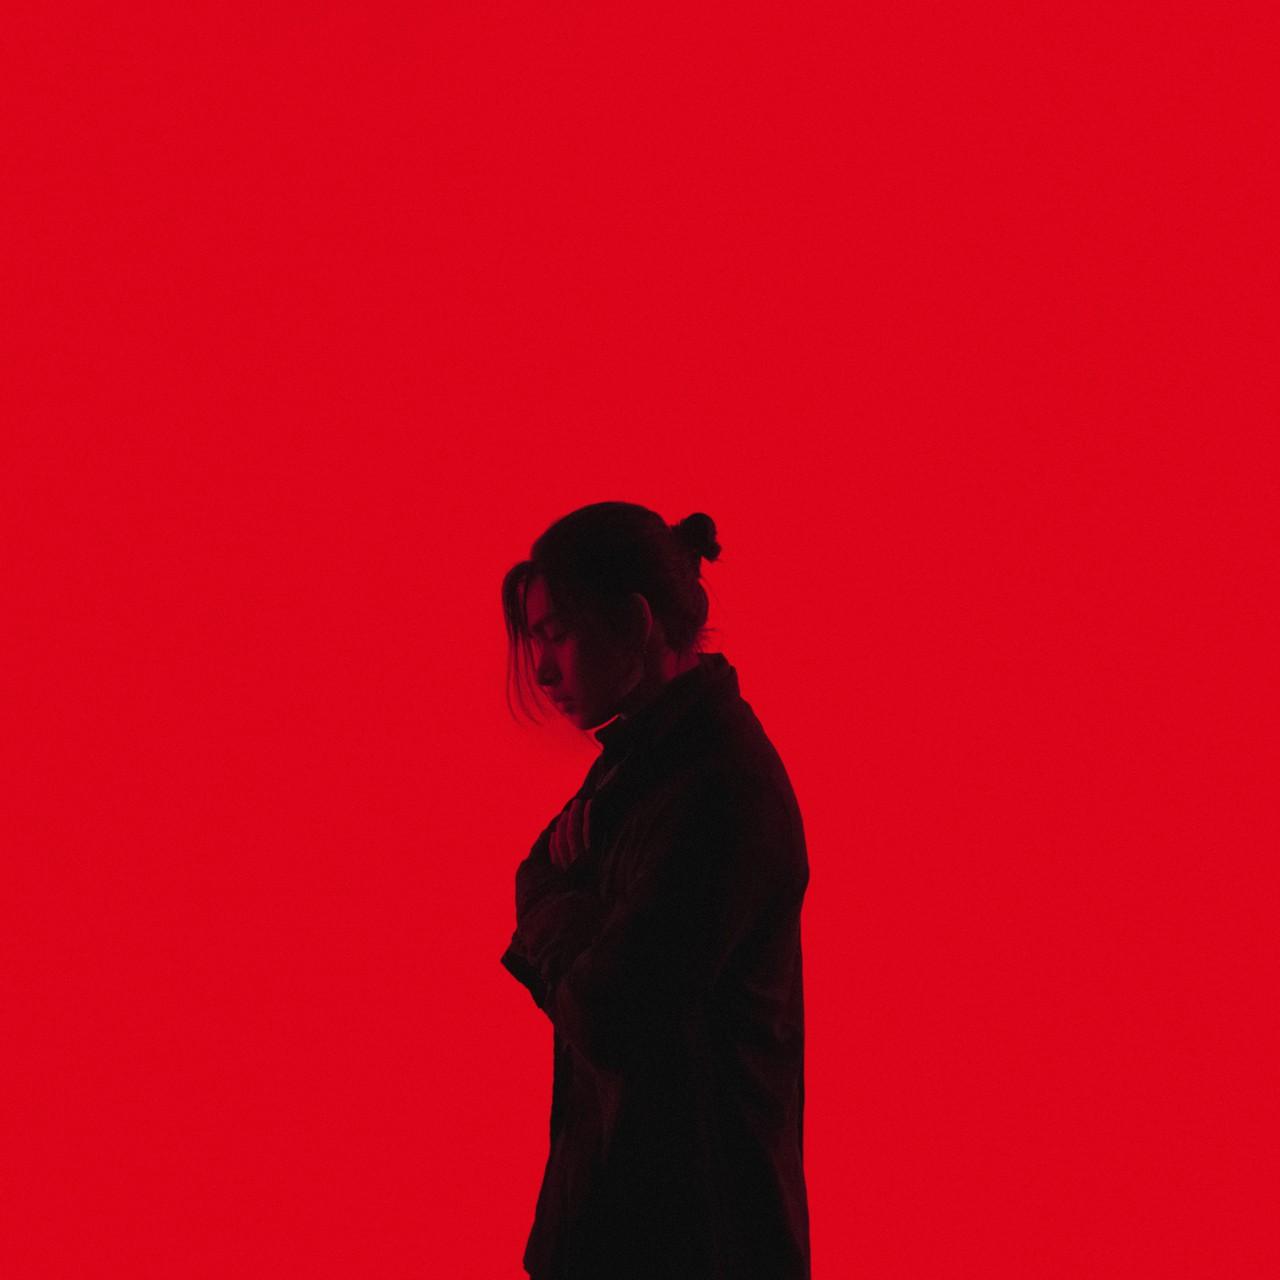 Chán làm thư sinh hiền lành, Jun Phạm hóa kiếm sĩ Nhật với gương mặt lạnh lùng trong sản phẩm âm nhạc mới nhất! - Ảnh 6.